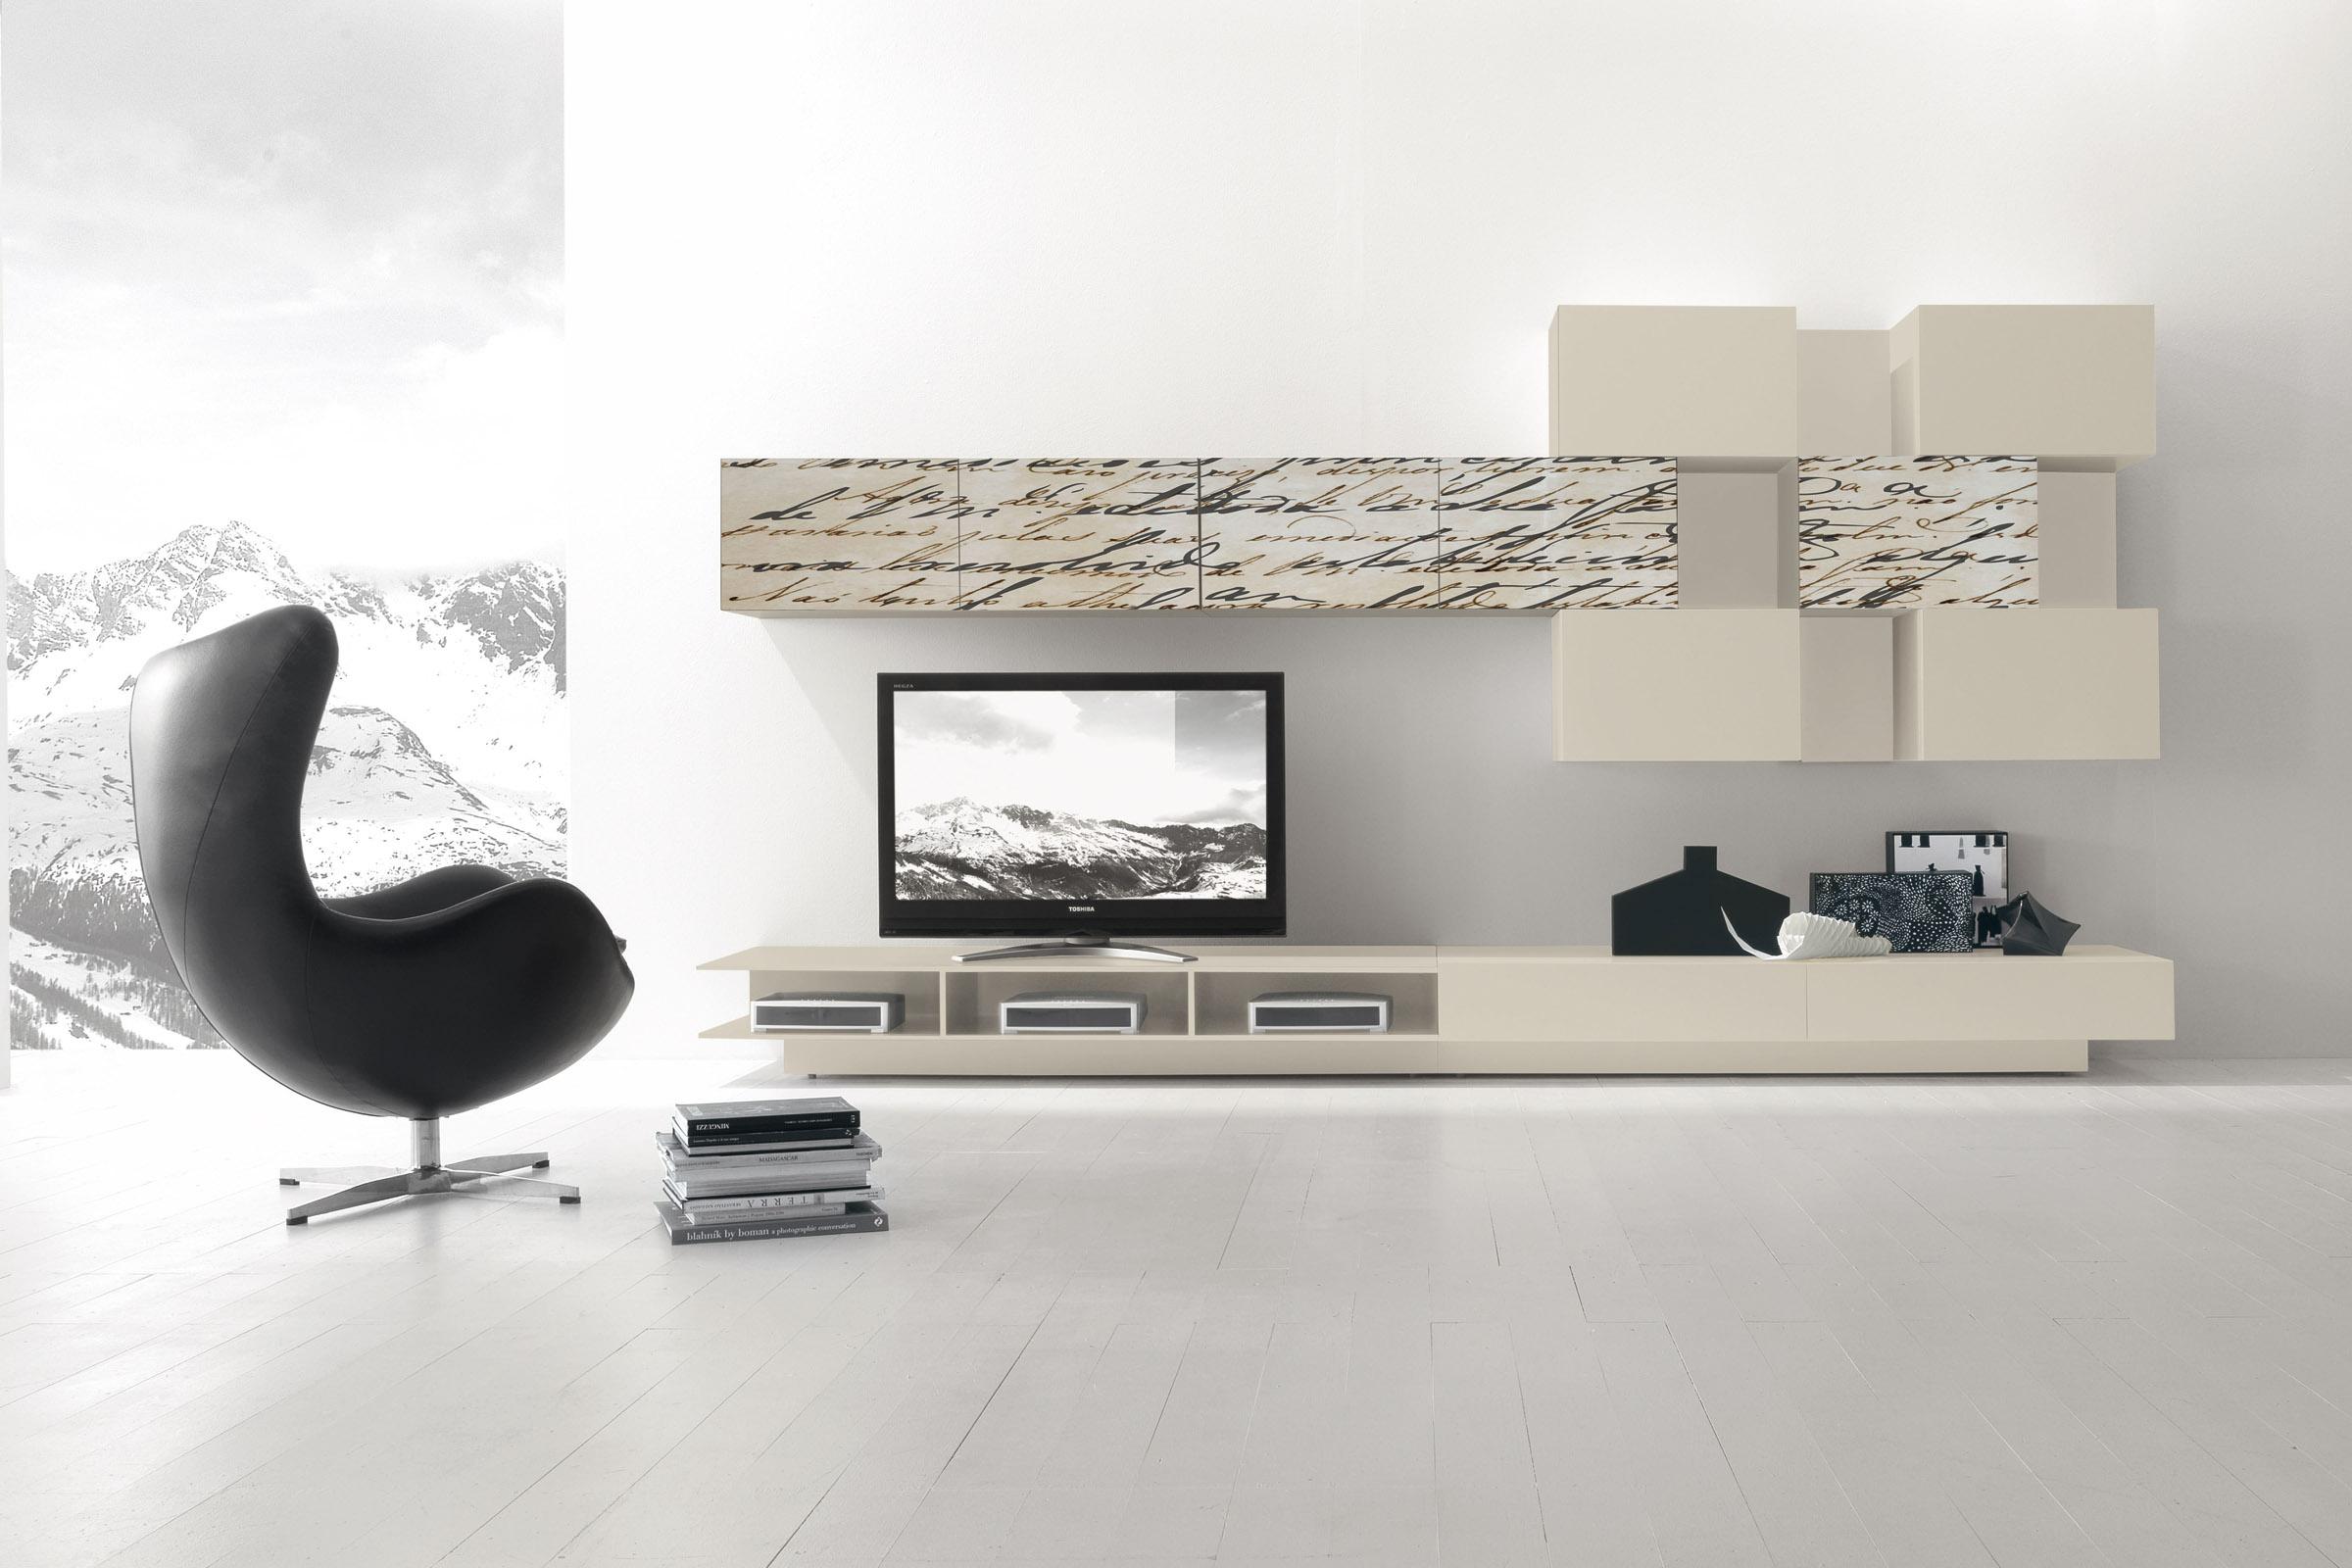 soggiorno moderno componibile presotto i modulart 6 - acquistabile ... - Colori Per Soggiorno Moderno 2